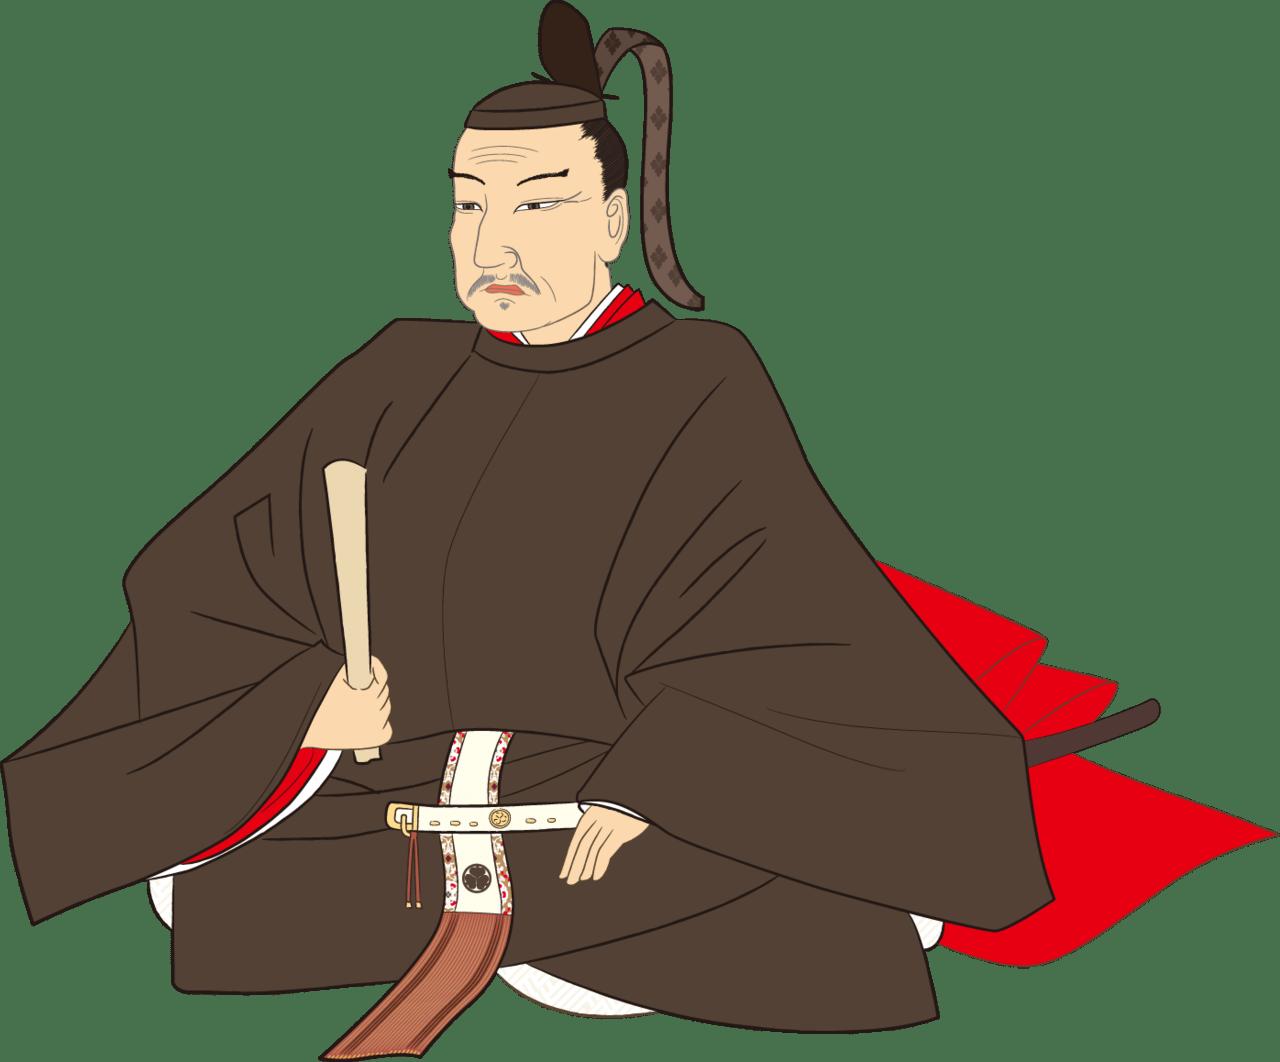 田沼時代に翻弄された無為な将軍 ~ 10代将軍・徳川家治 ~